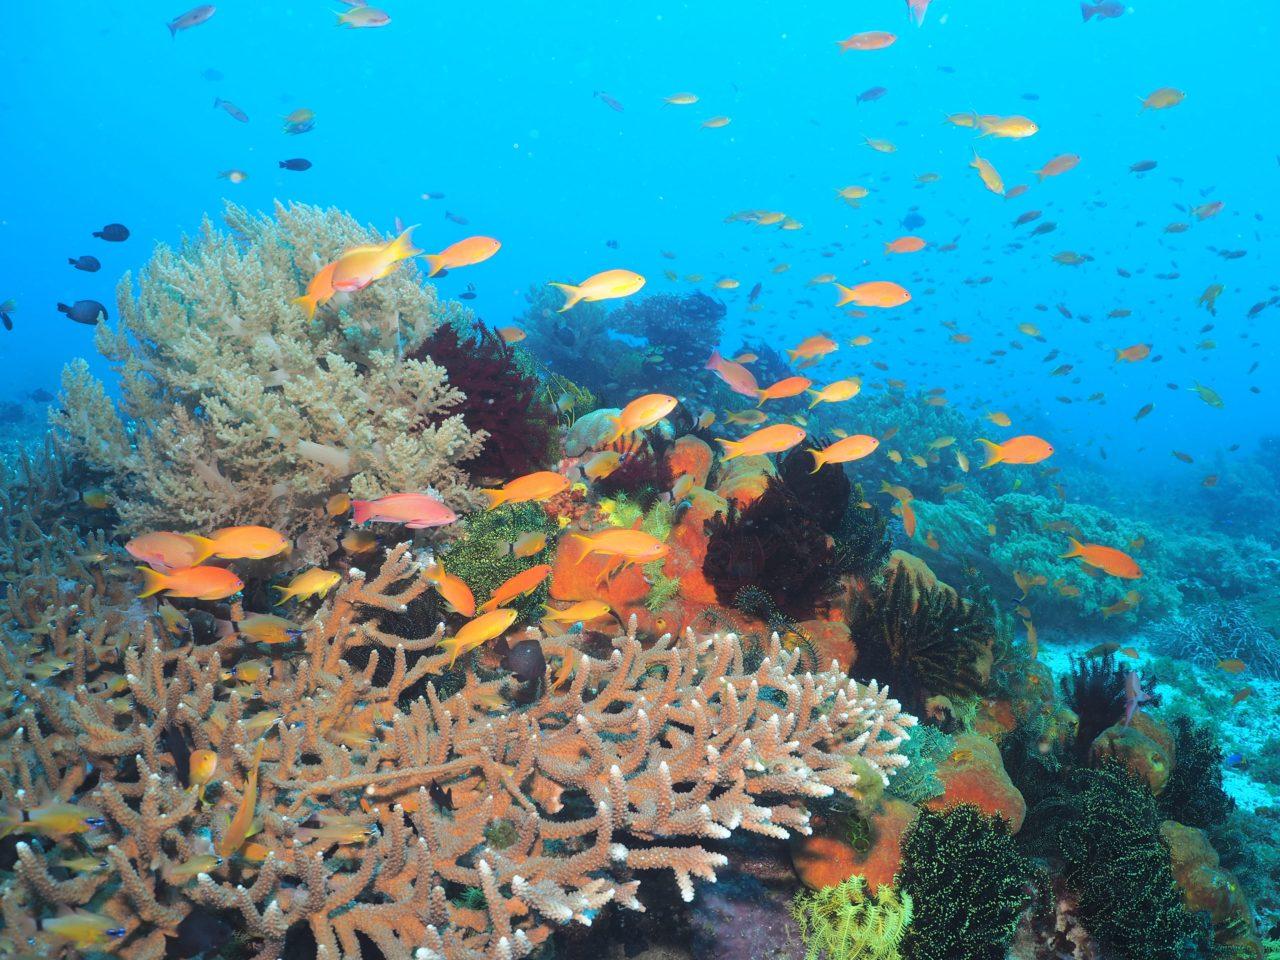 パミラカン島のサンゴに群れるハナダイとスズメダイ